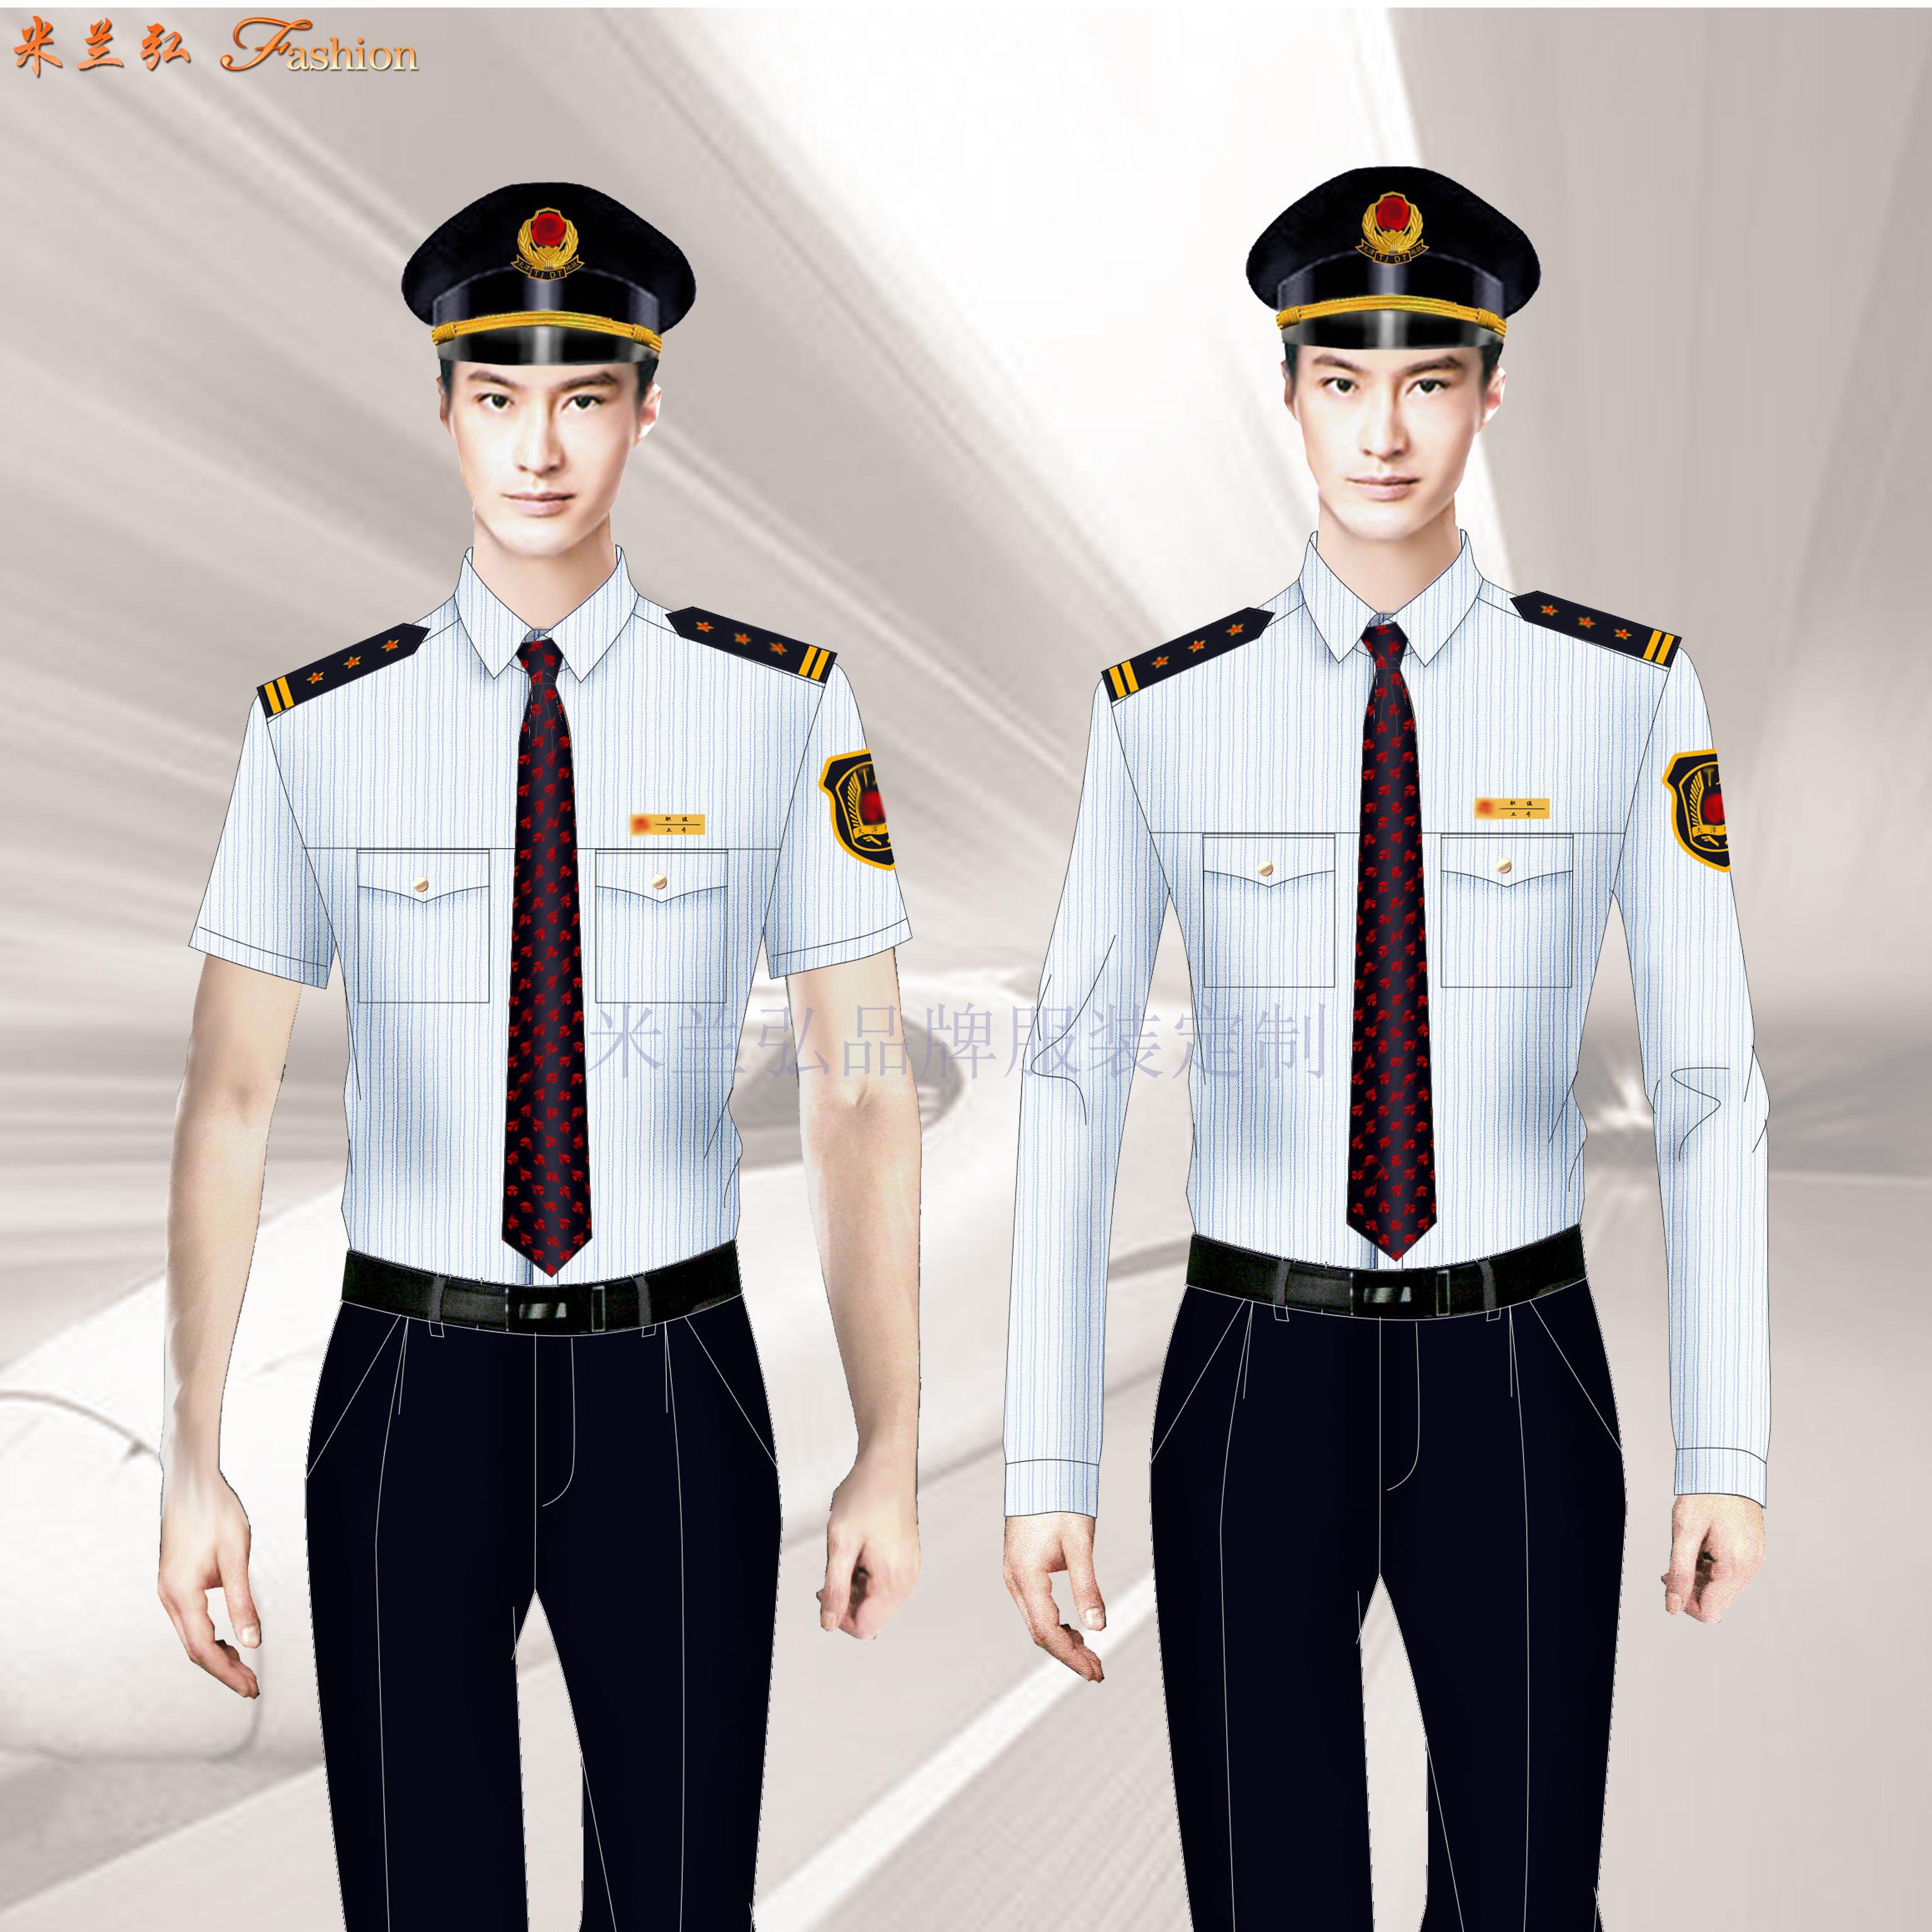 「地鐵服裝定做」圖片_價格_方法_面料_公司-米蘭弘服裝-4